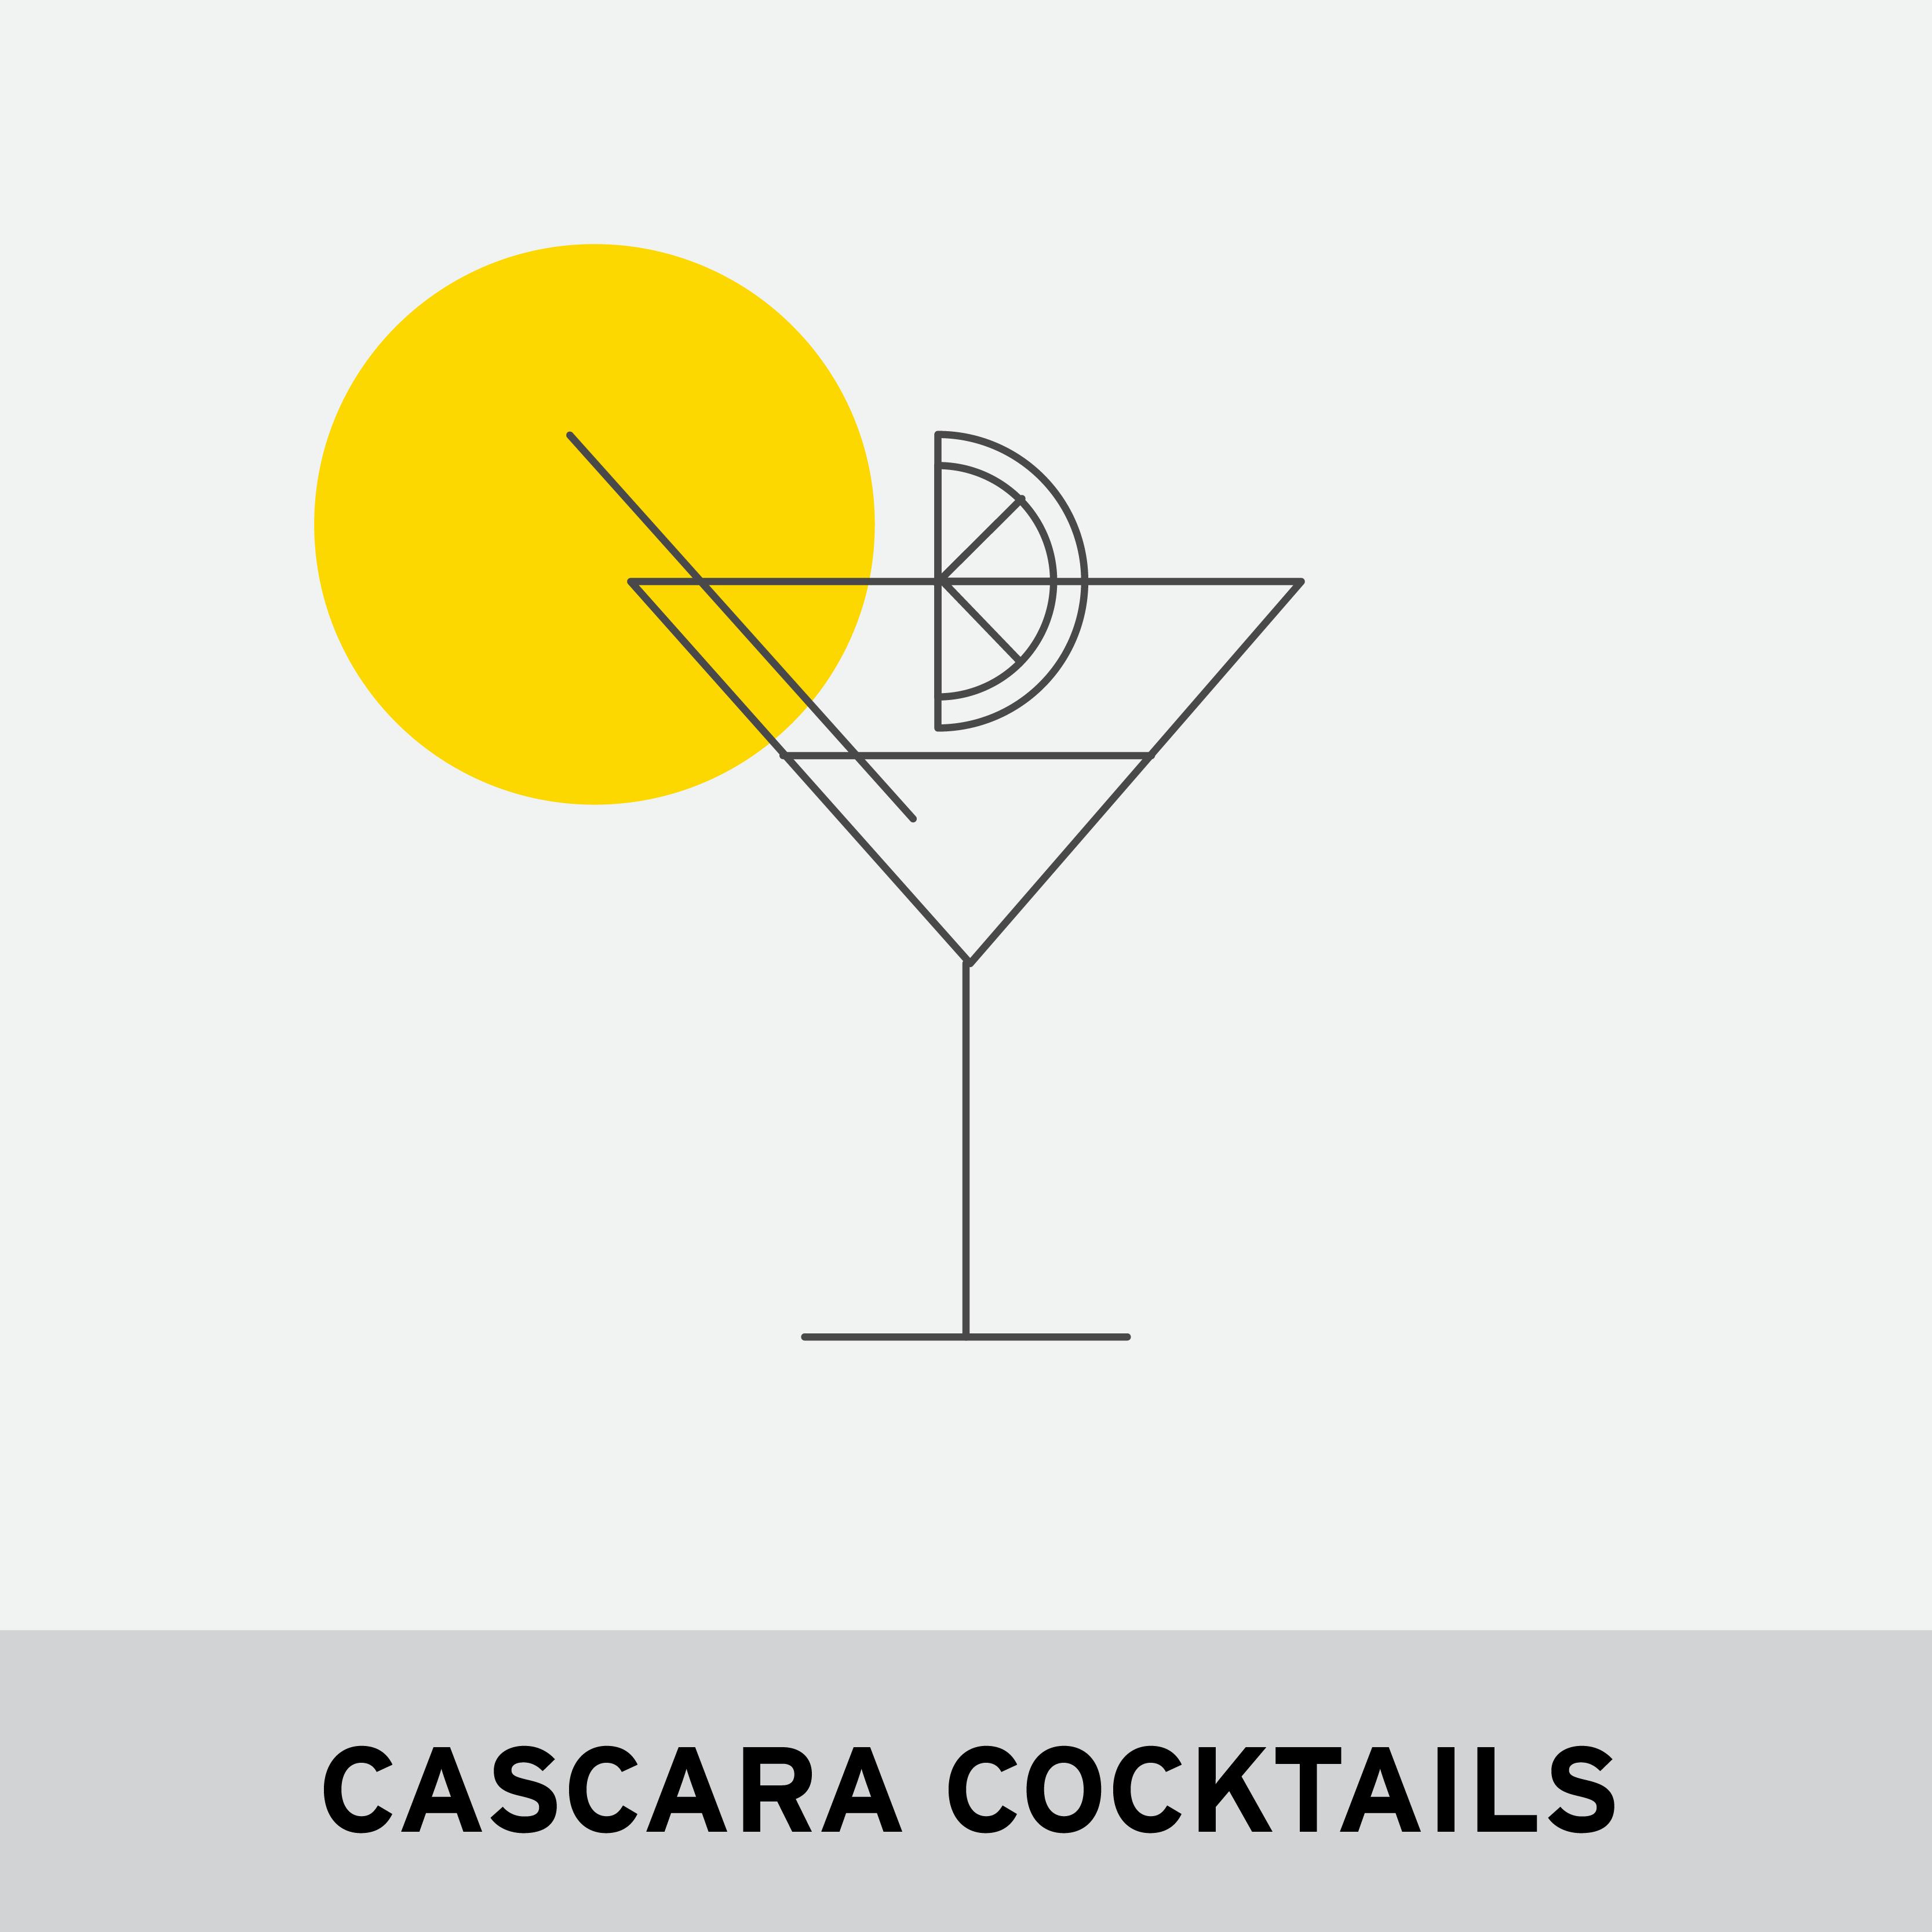 CASCARA COCKTAILS